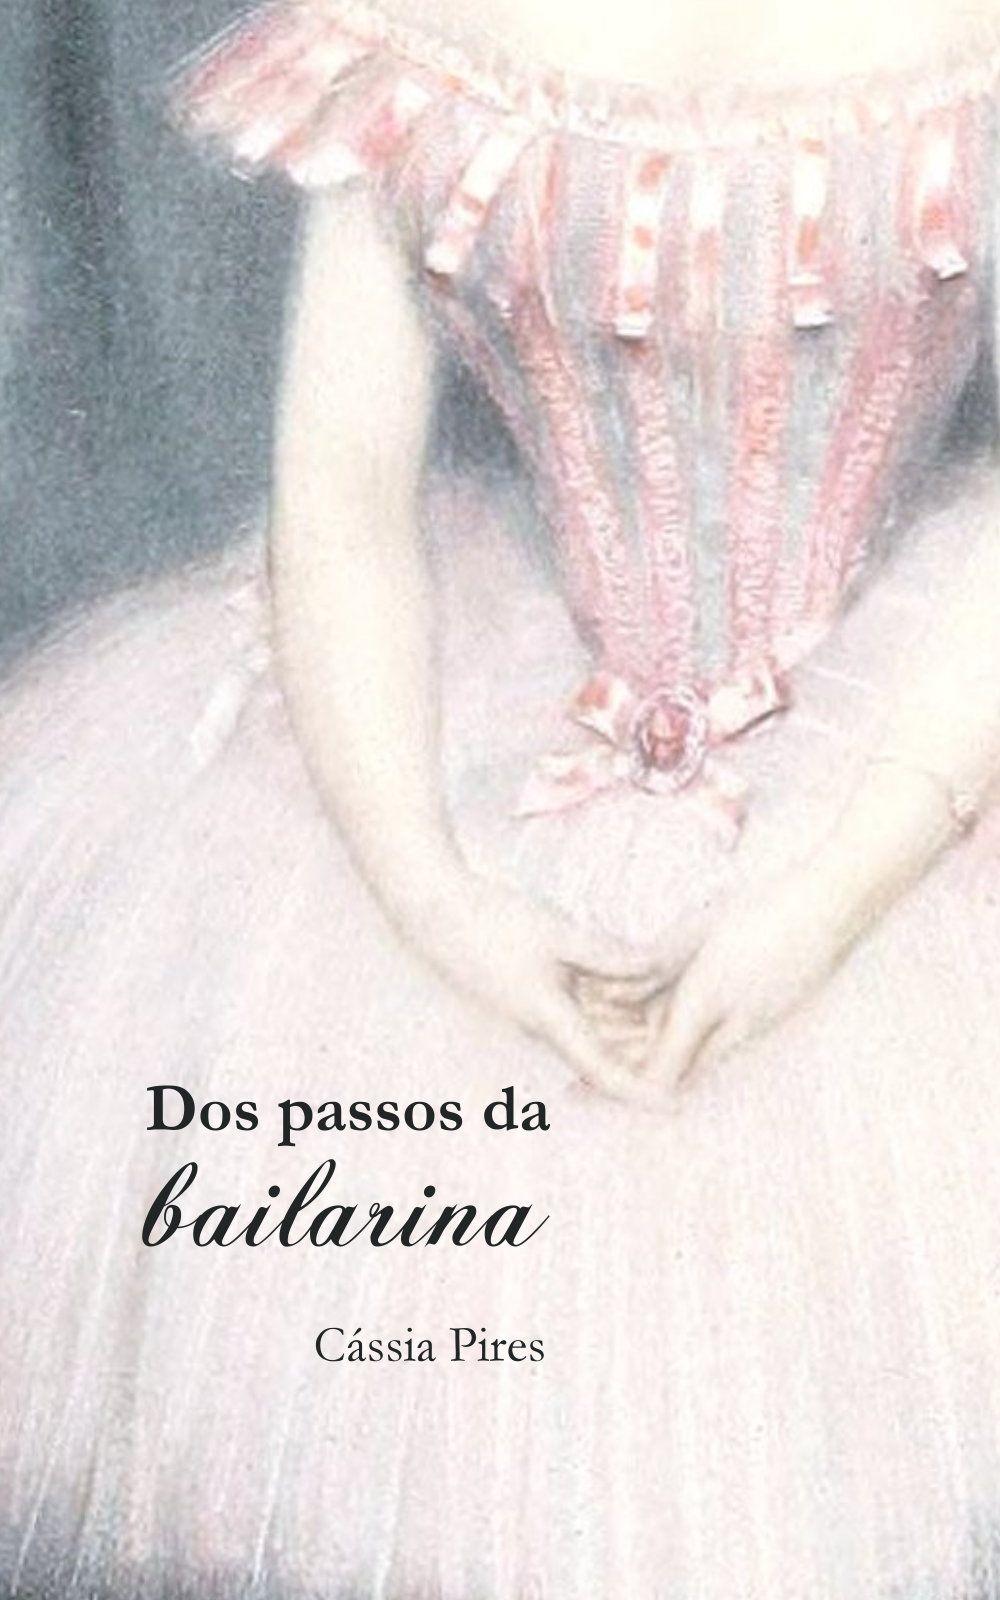 """Livro """"Dos passos da bailarina"""", Cássia Pires, 2013."""